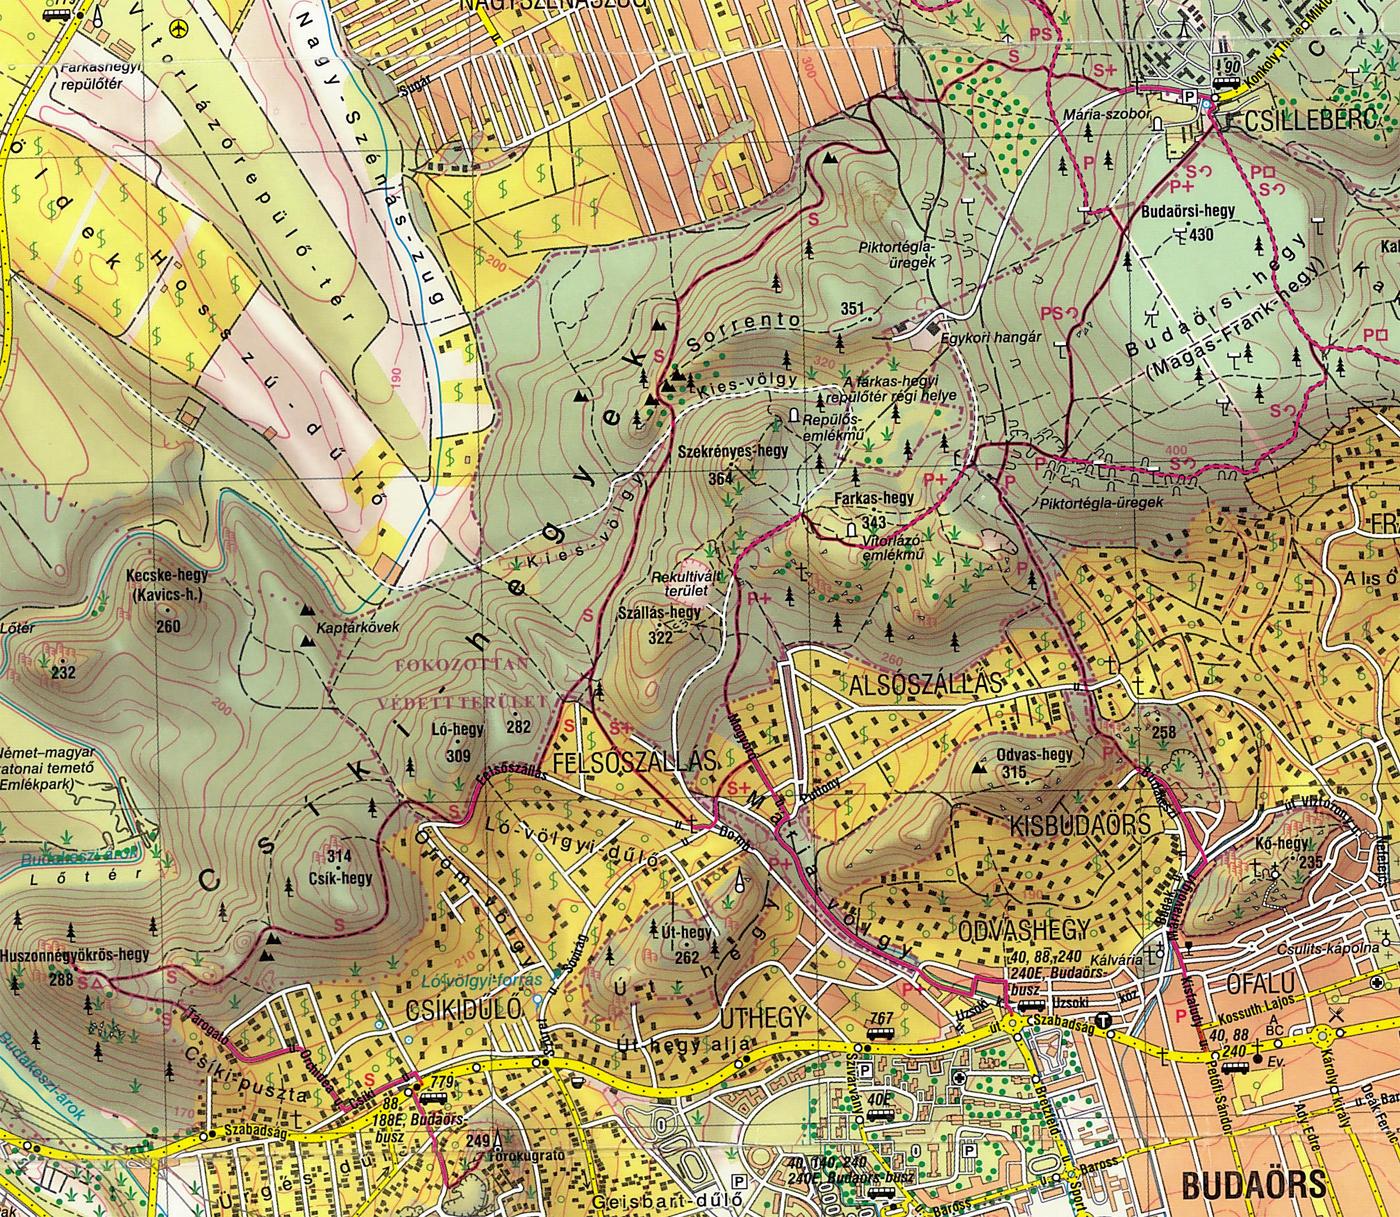 budaörs térkép Budaörsi Kopárok   Budai hegység   2014.04.05. budaörs térkép